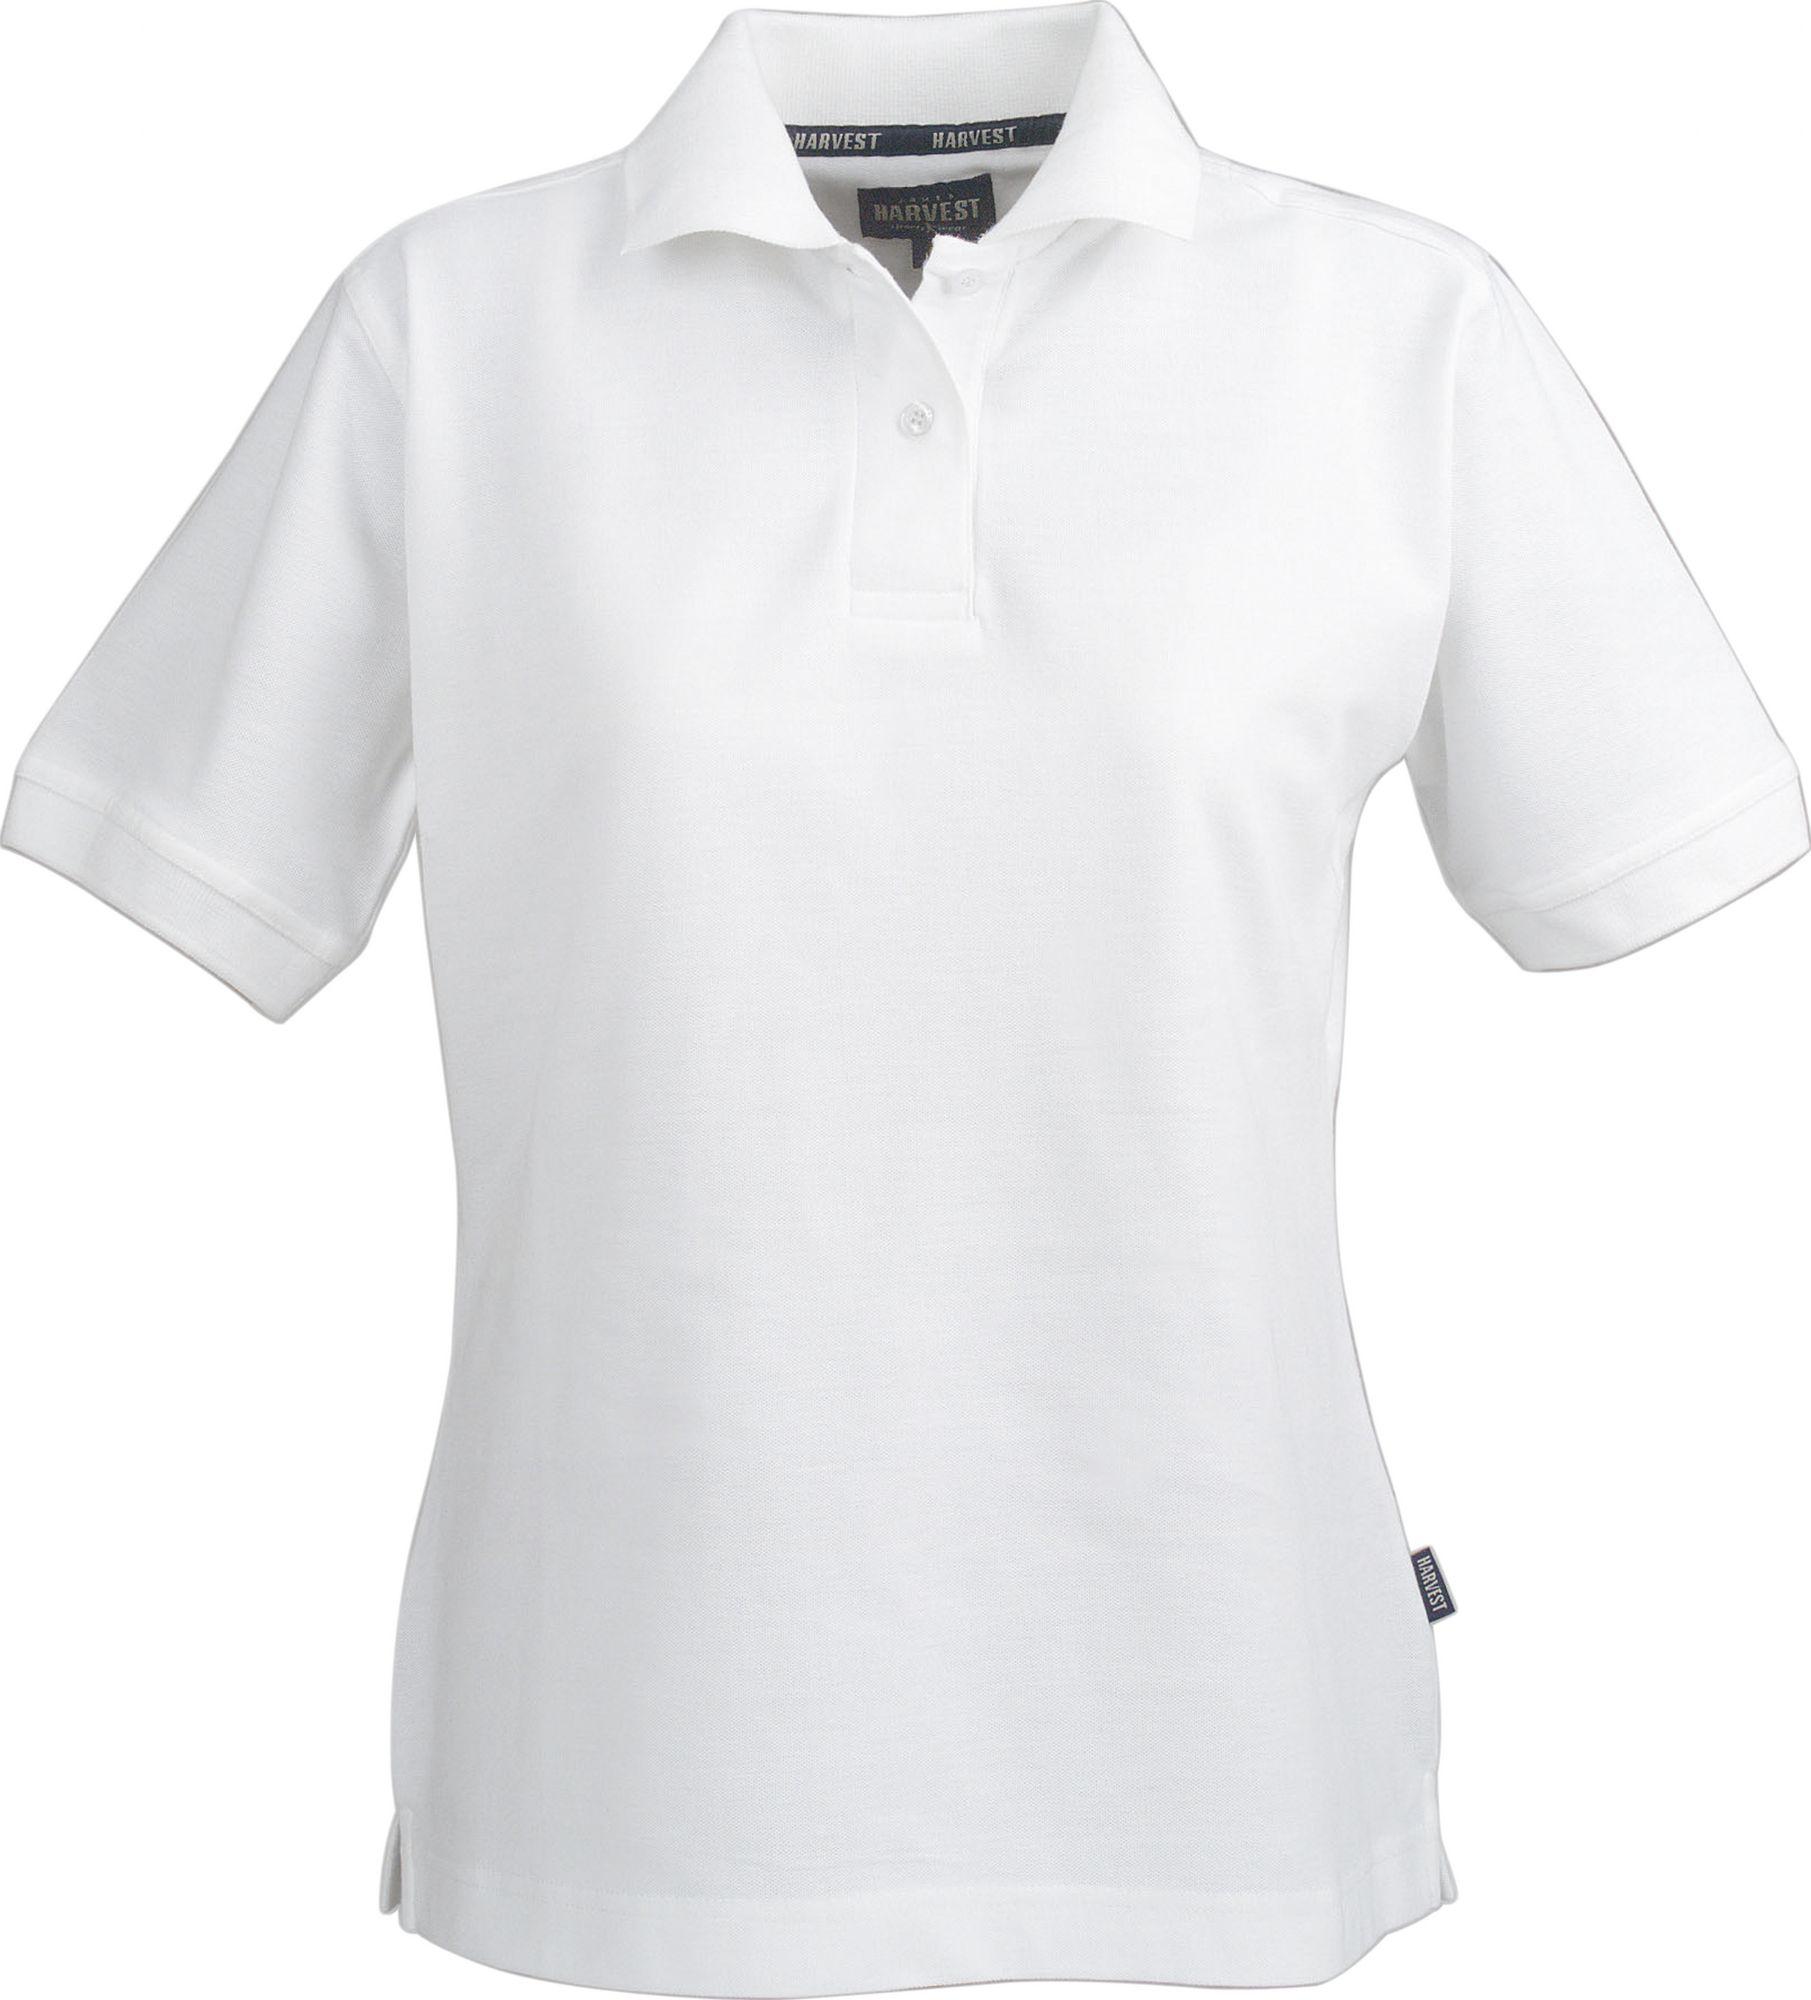 Рубашка поло женская SEMORA, белая